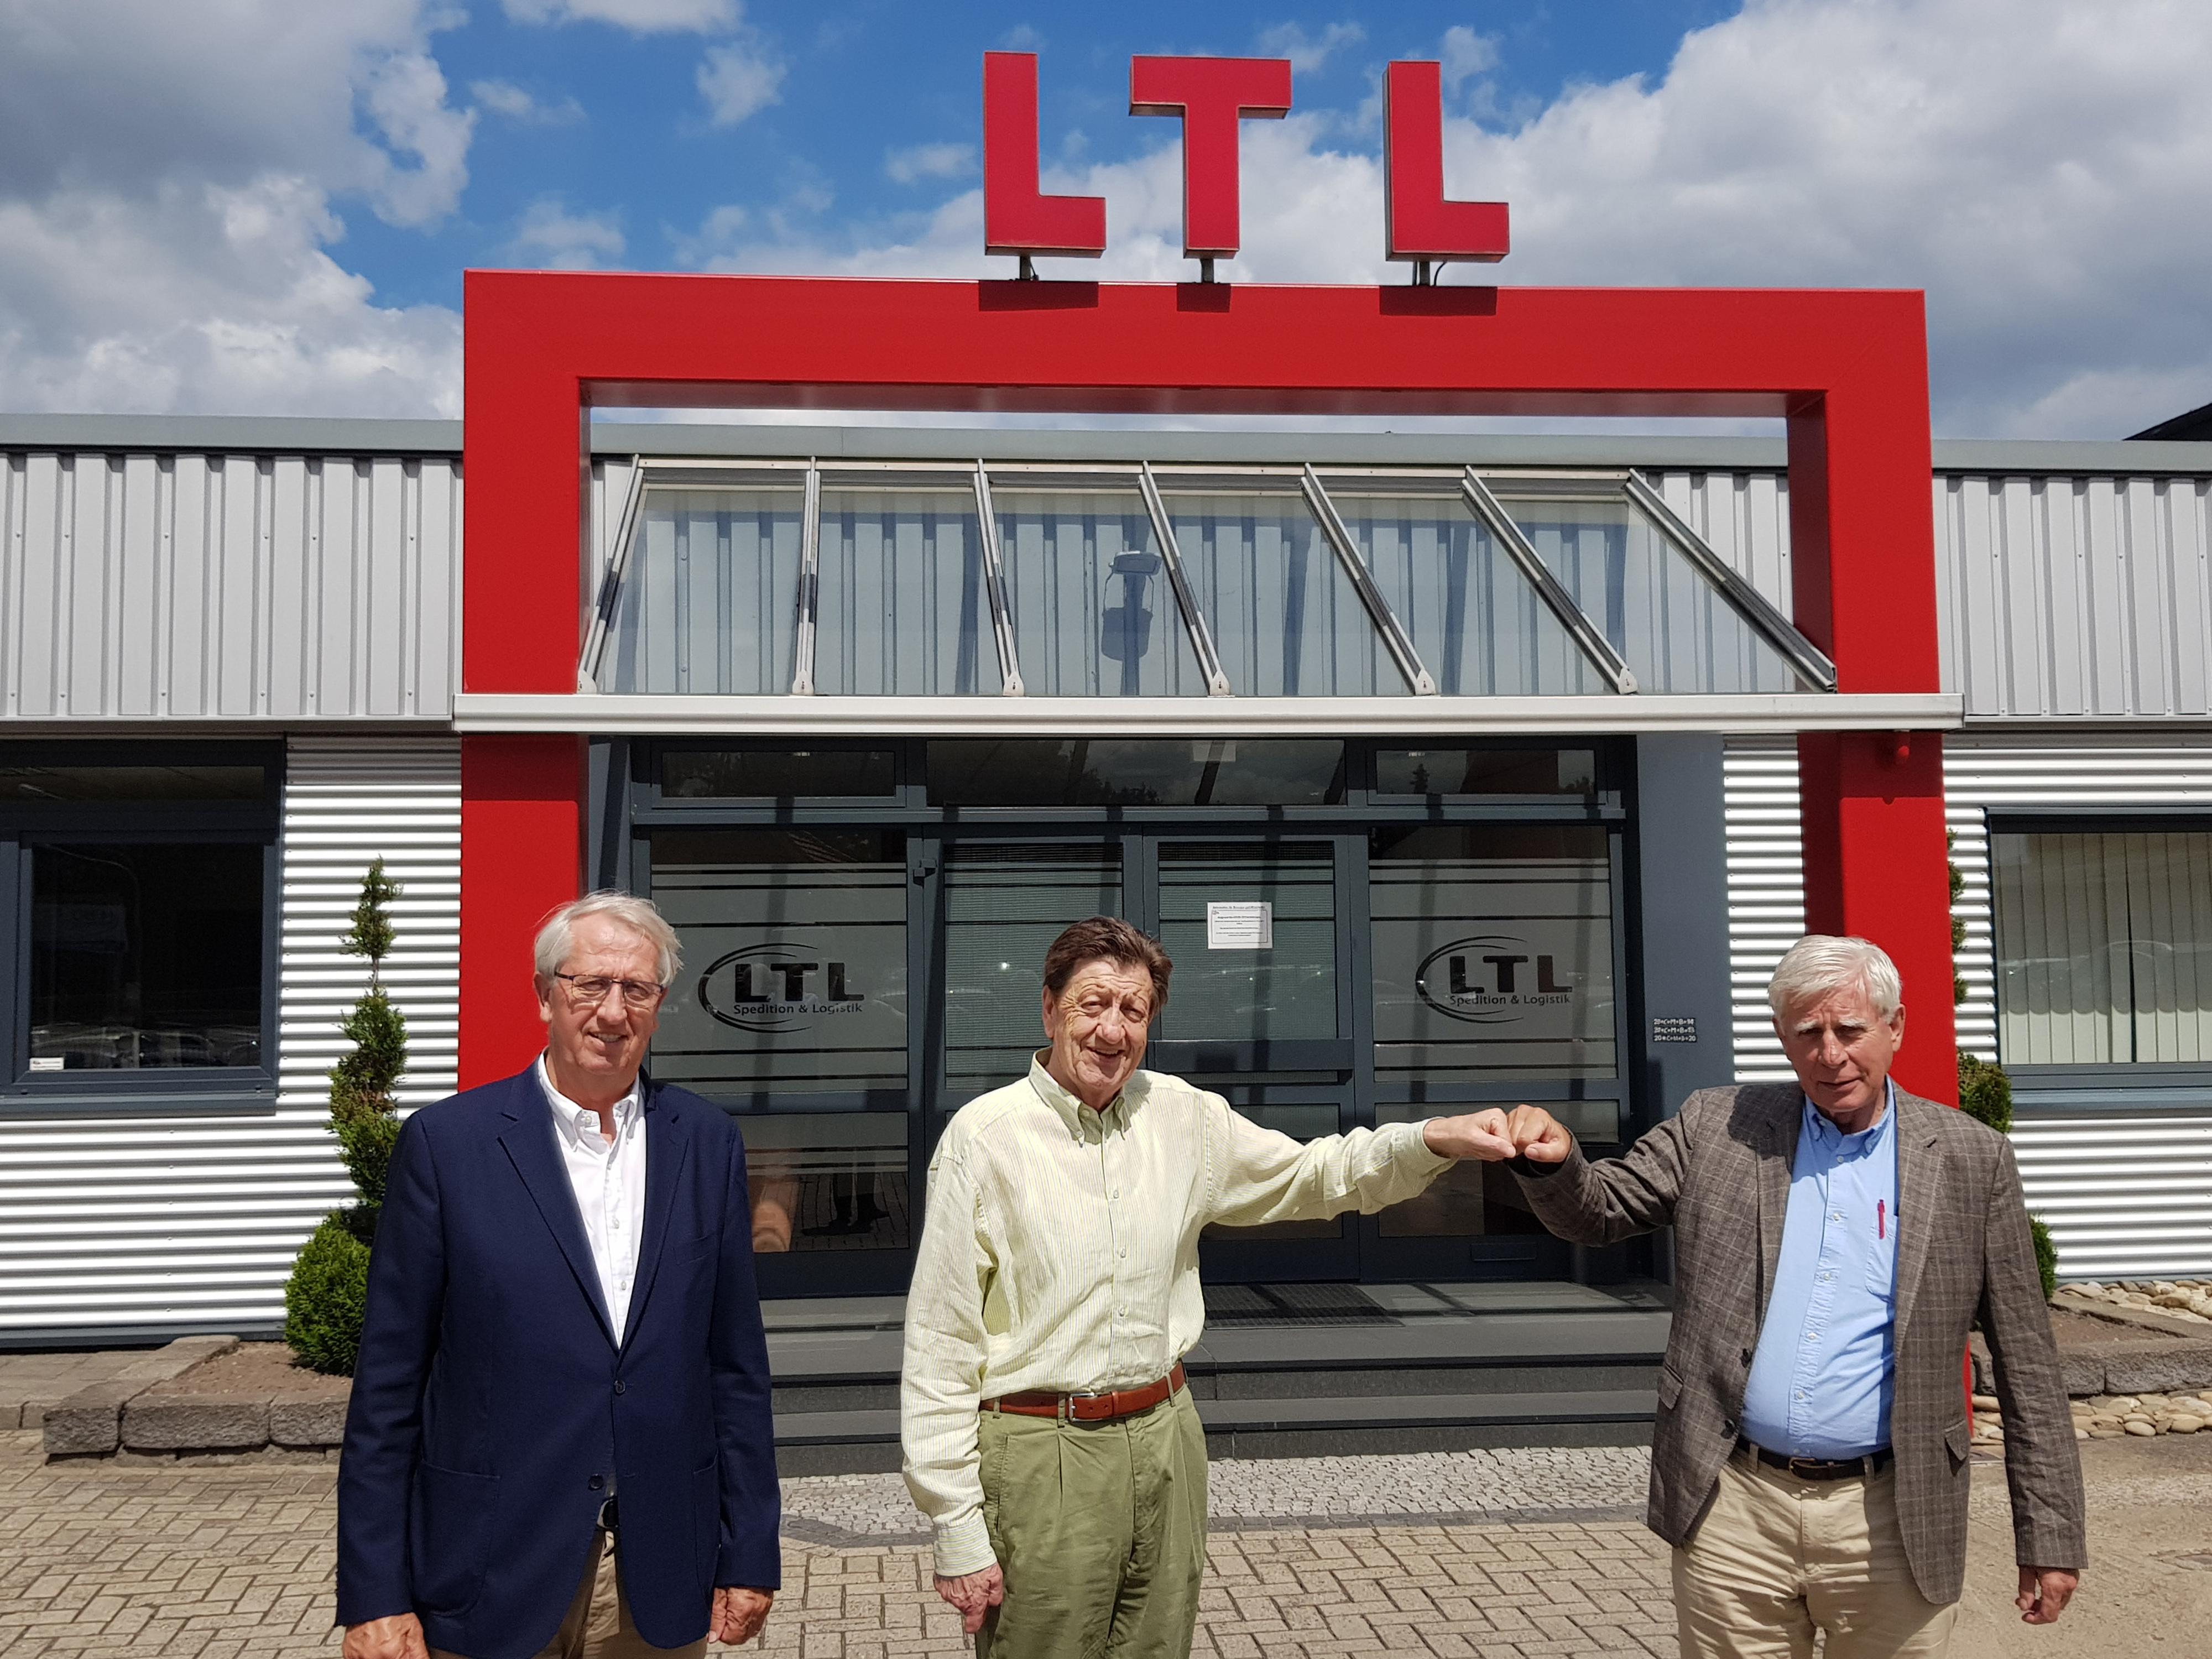 Sind sich einig: Ernst Nordlohne (Paul Schockemöhle Logistics), Manfred Arlinghaus (LTL – Lohner Transport Logistik) und Paul Schockemöhle. Foto: Schockemöhle